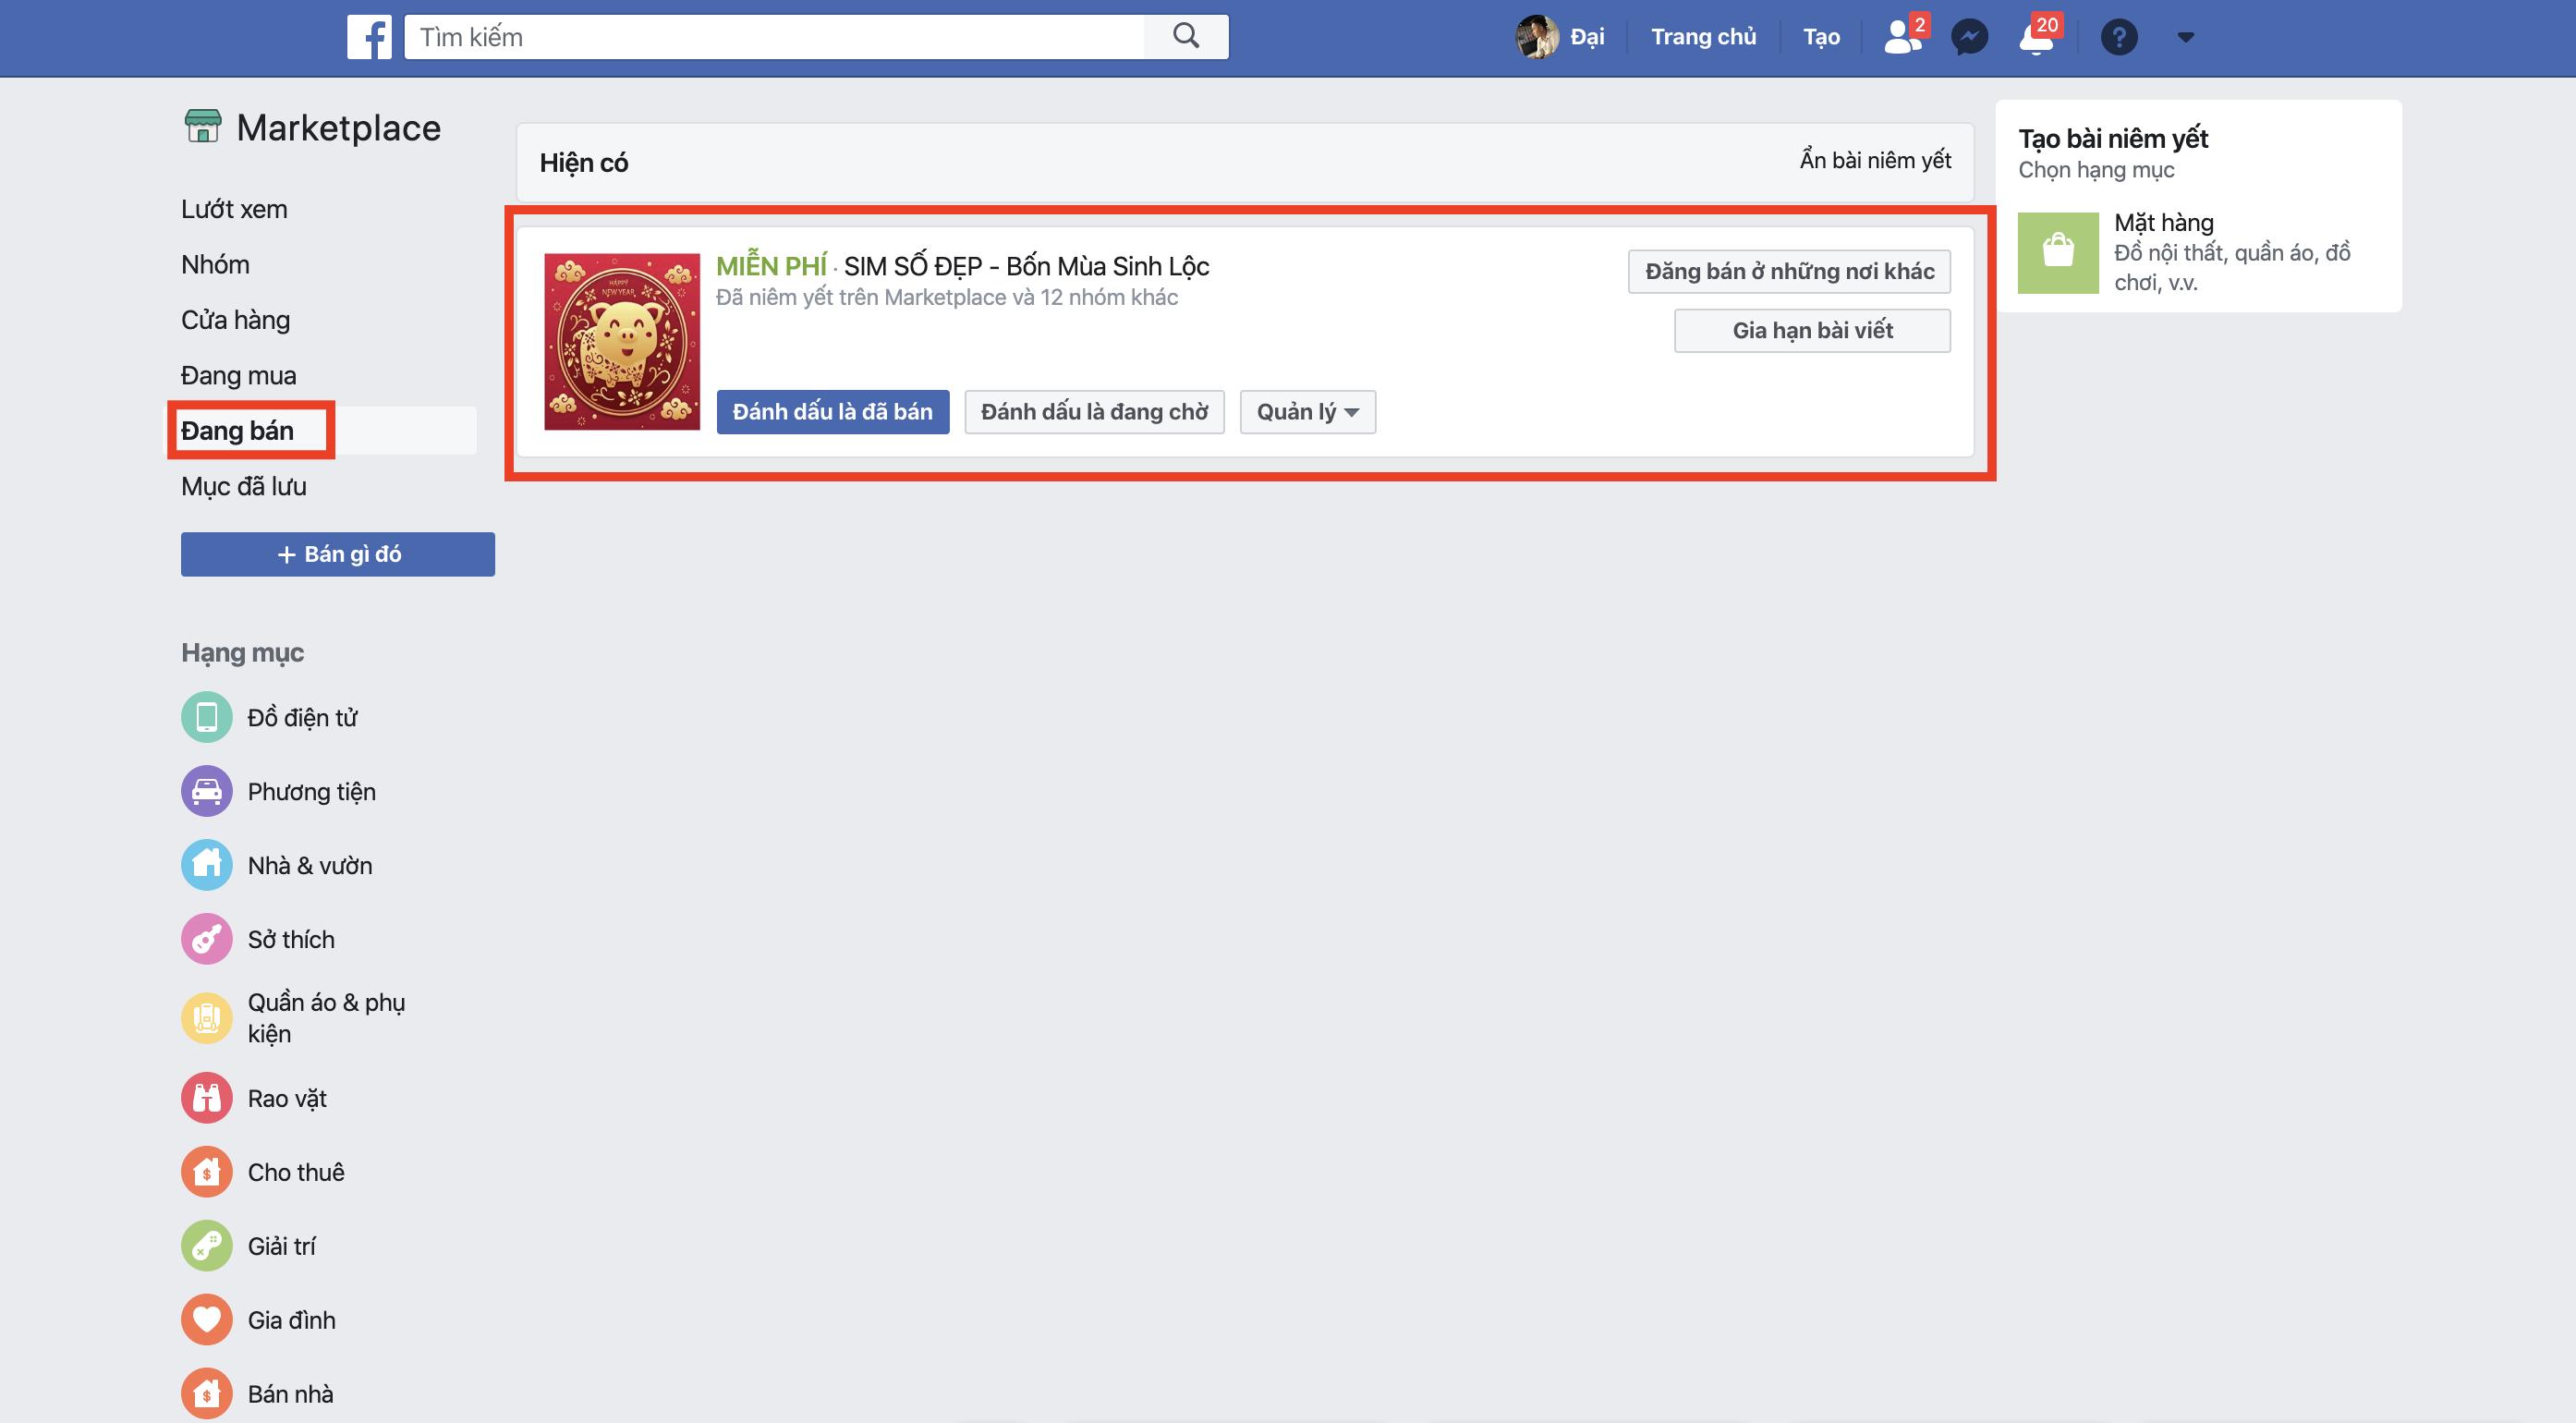 Hướng dẫn chi tiết cách đăng bài bán hàng ở Facebook Marketpalce trên điện thoại và máy tính 4